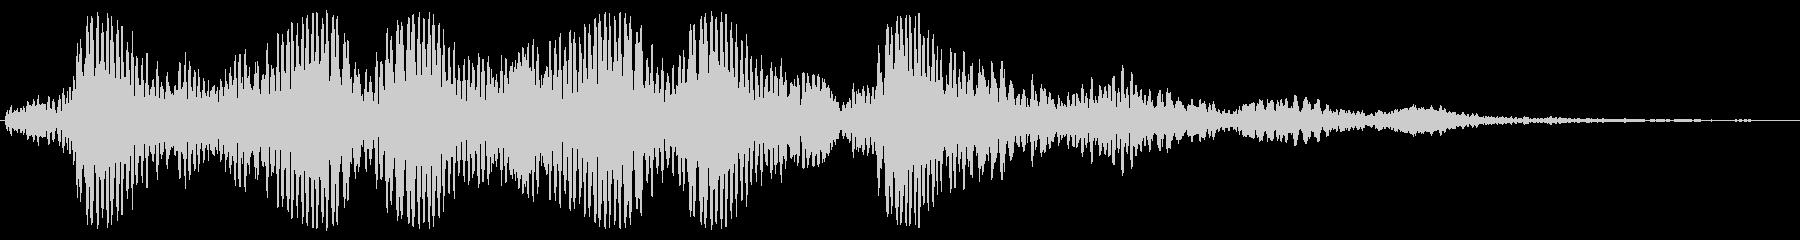 ホワ〜、フォンッ、っという笛のような音の未再生の波形